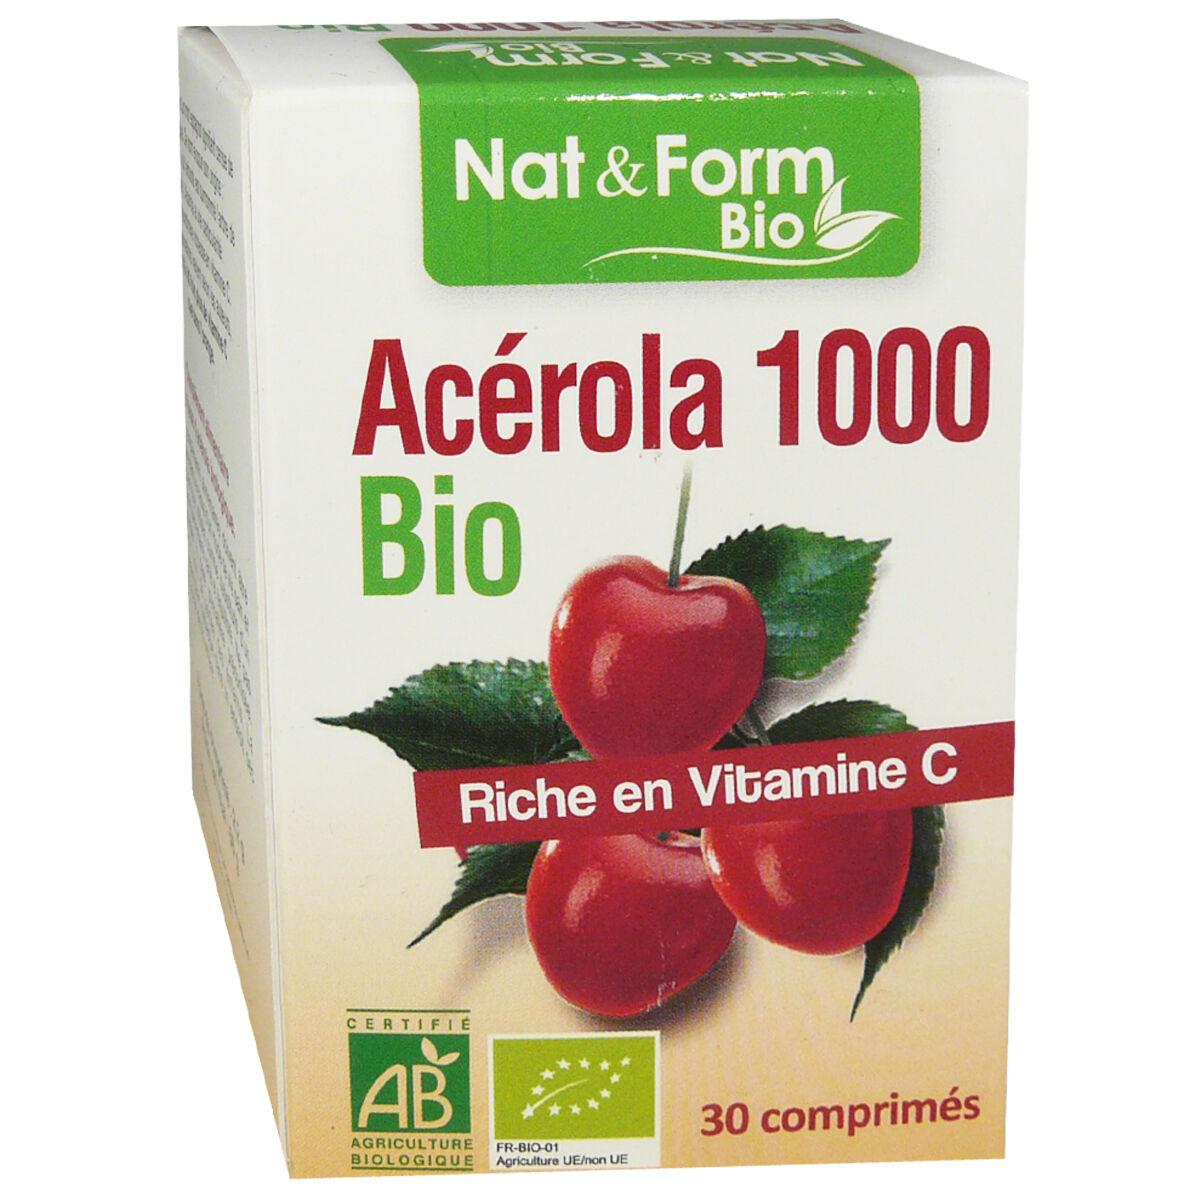 Nat & form acerola 1000 bio 30 comprimes